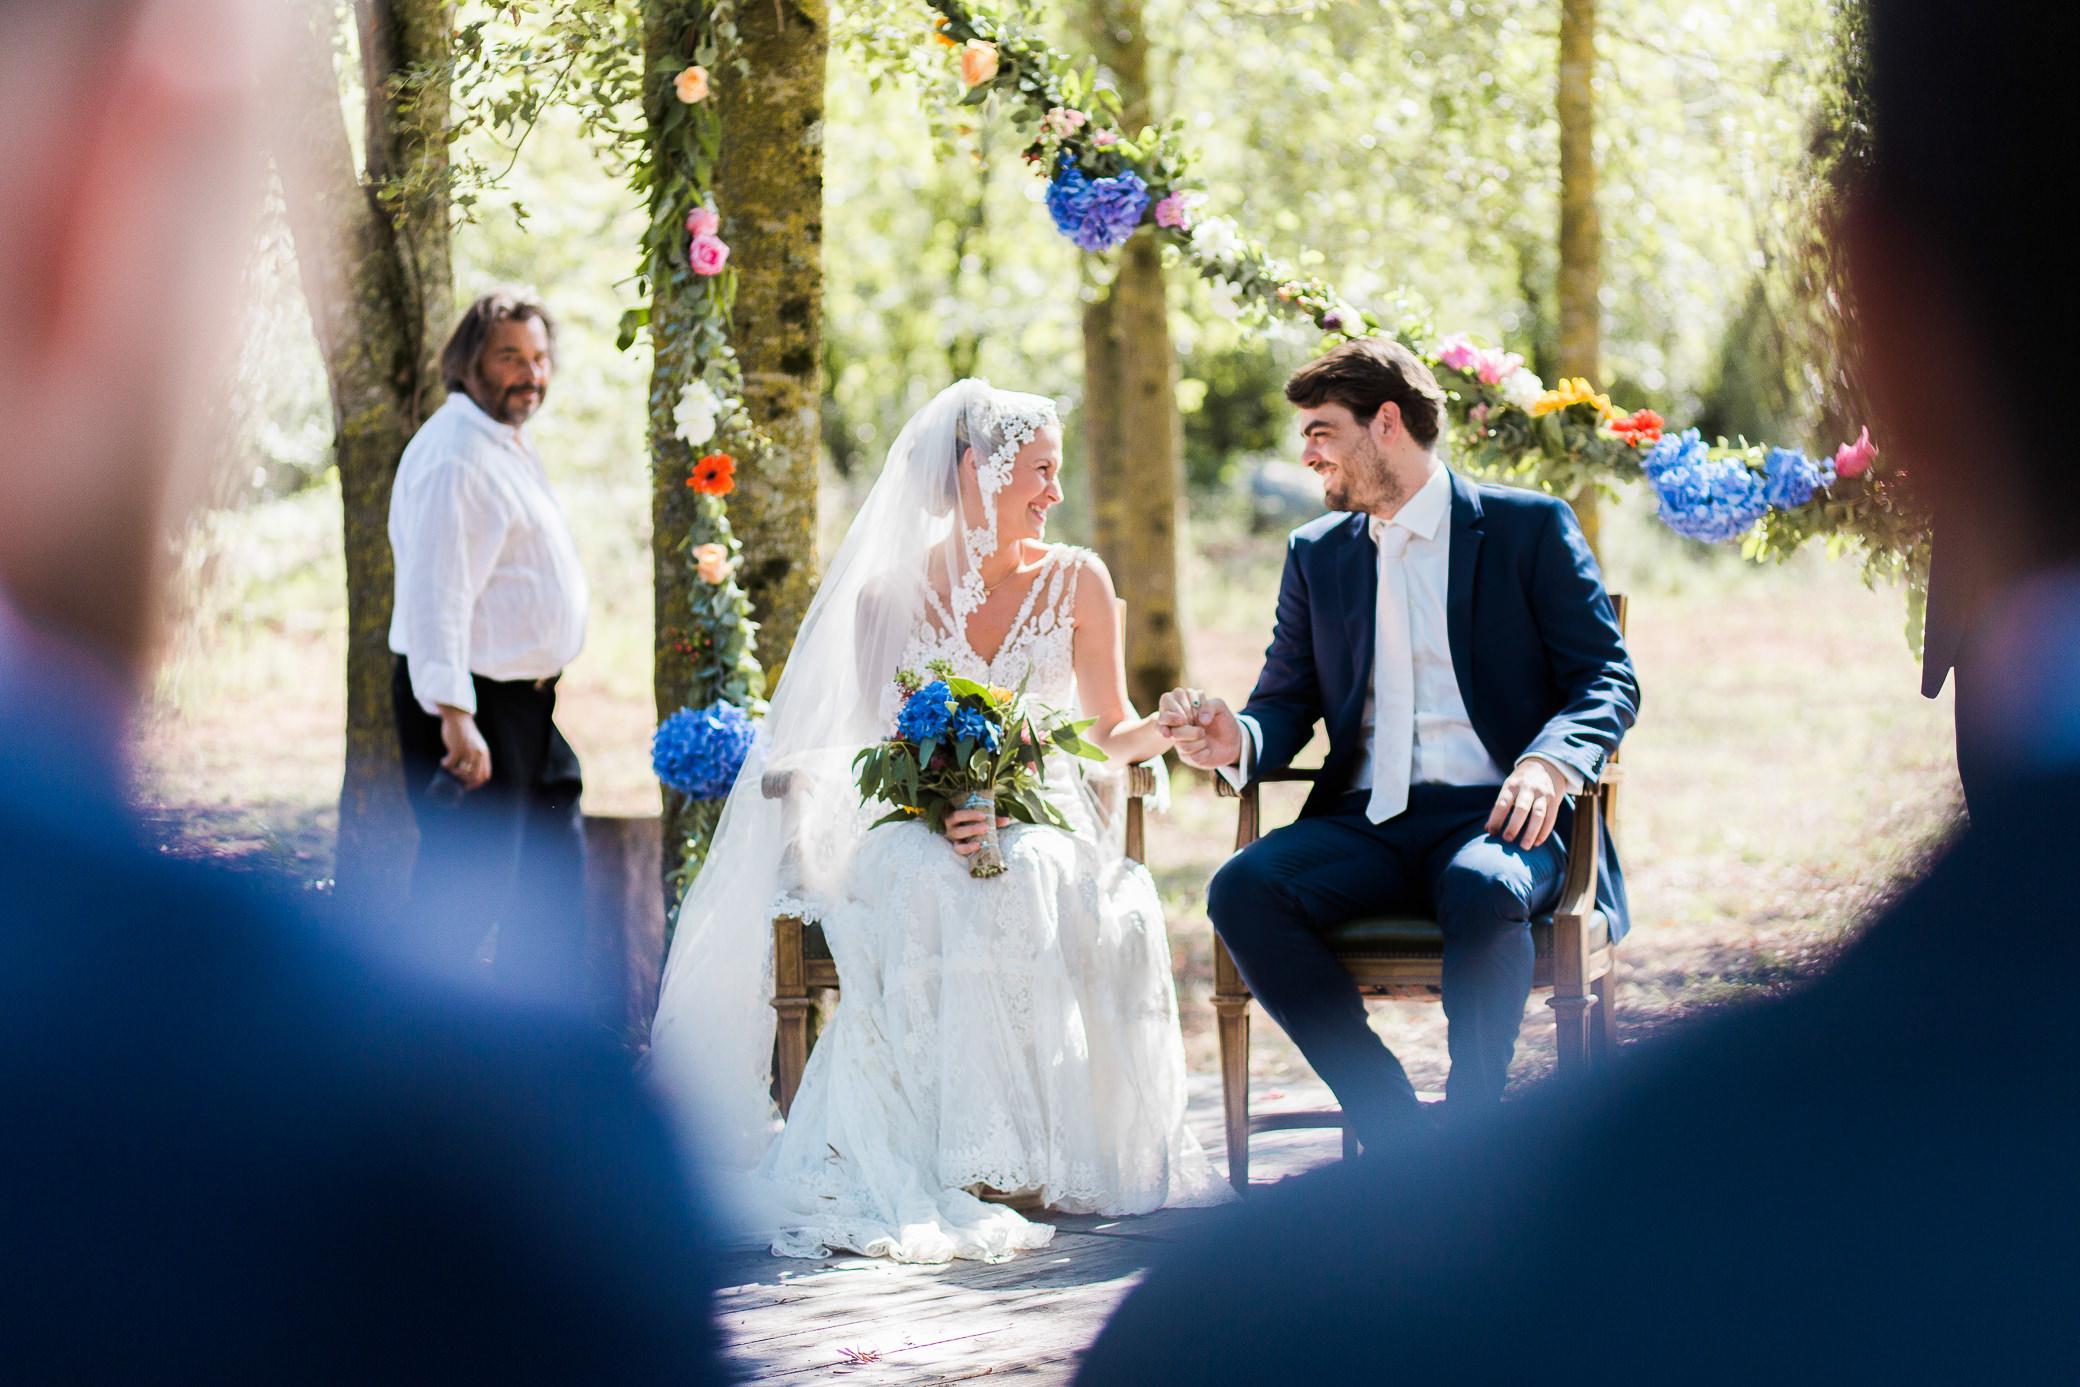 boda-olot-mas-can-batlle-destination-wedding-photografeel-21.jpg